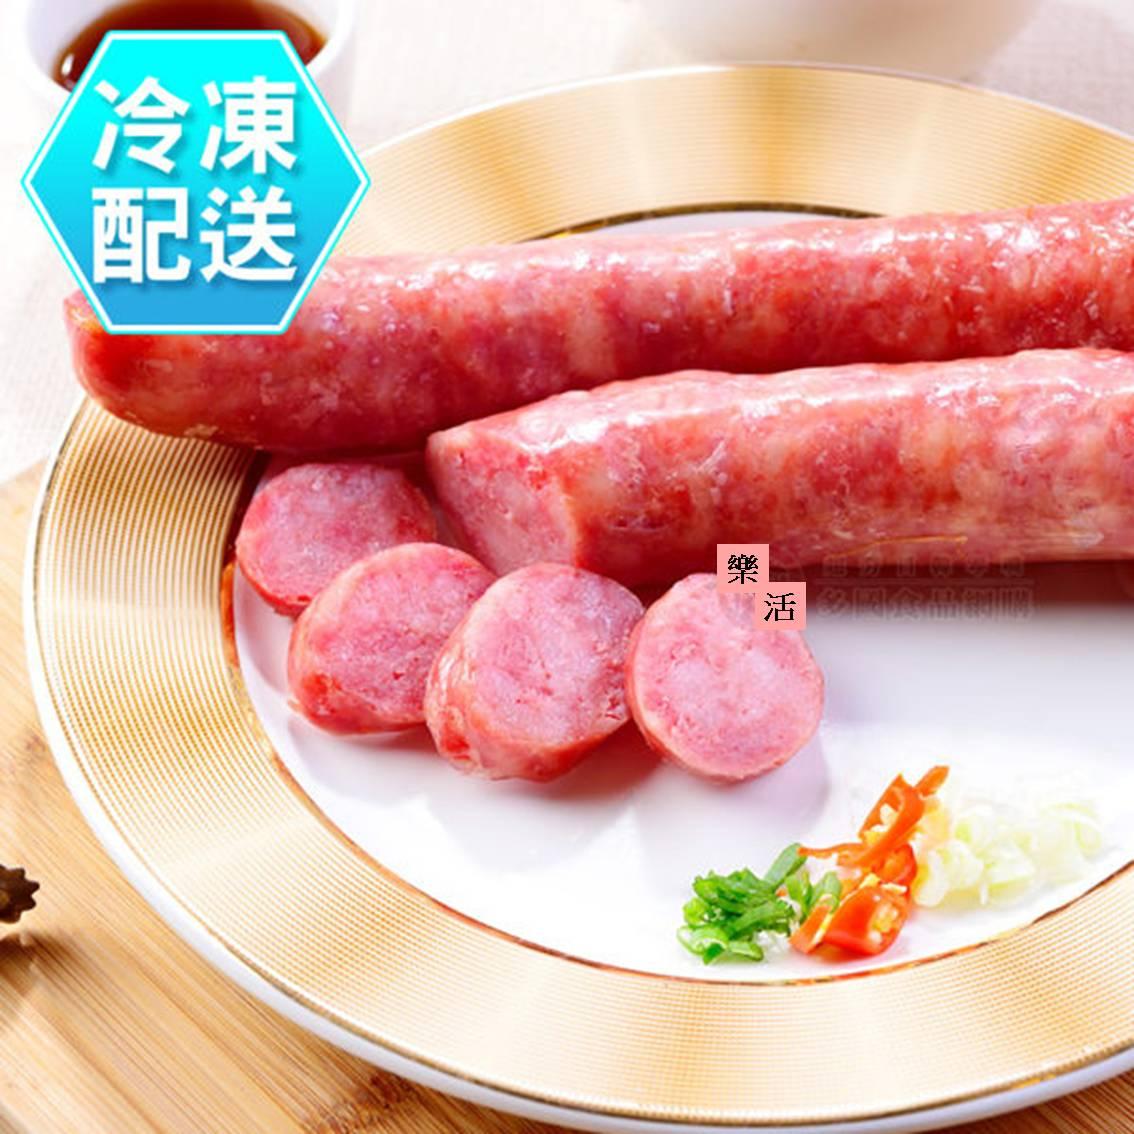 蔗香香腸(2大條)400g 冷凍配送   蔗雞王【樂活生活館】